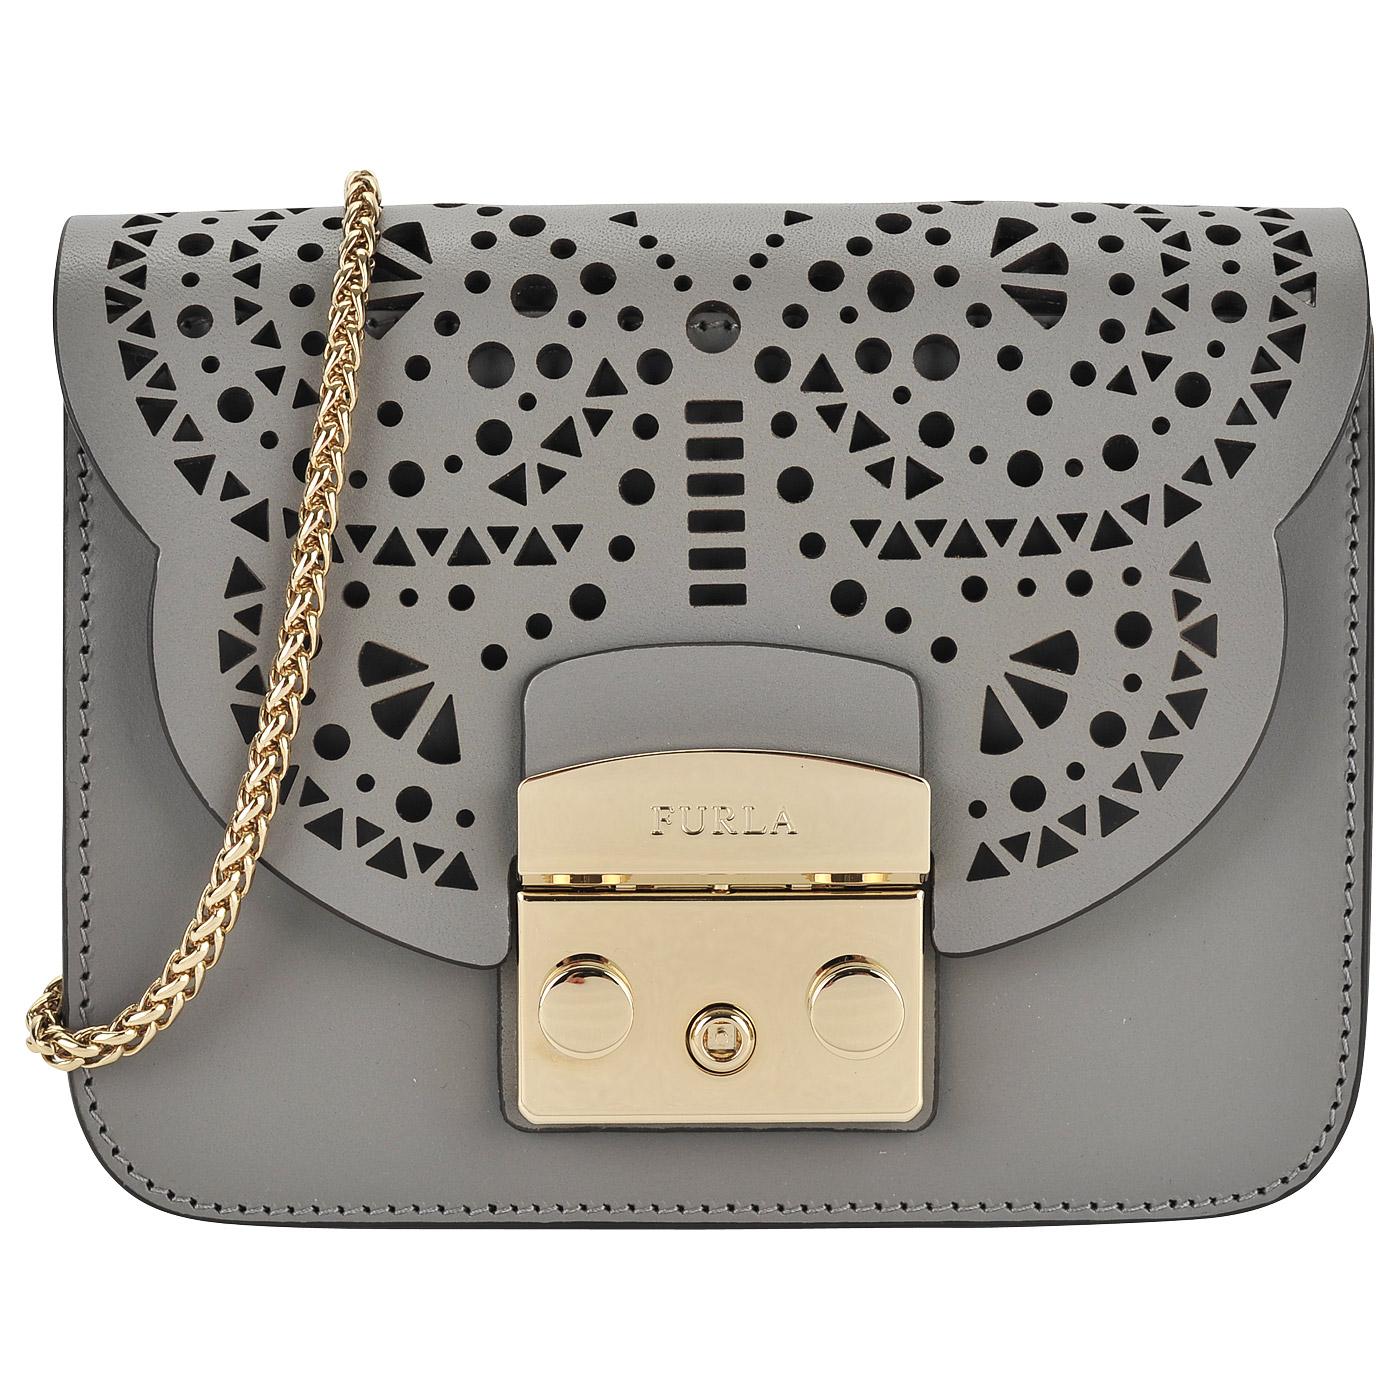 3e1df5f6c669 ... Маленькая кожаная сумка с декоративной перфорацией на откидном клапане  Furla Metropolis ...